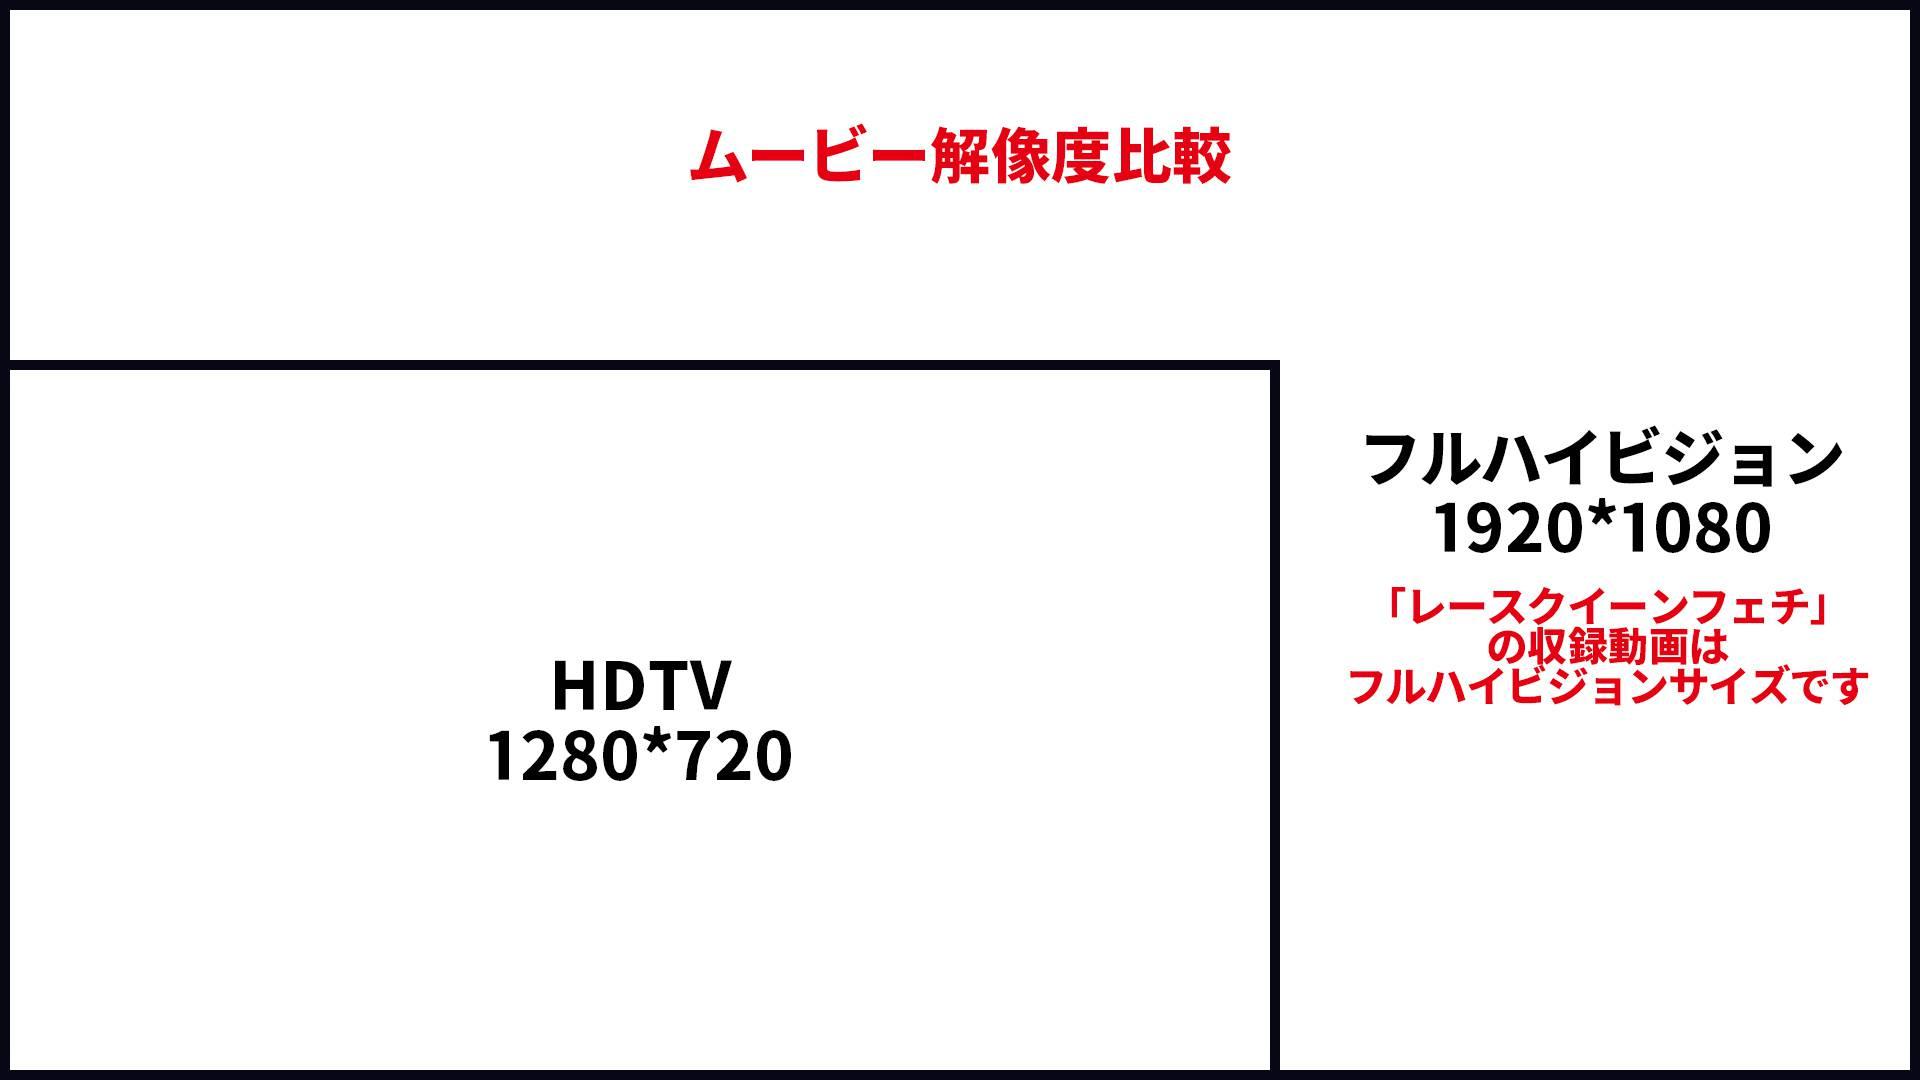 【HD】レースクイーンフェチ#020 ムービー版【3】 サンプル画像05